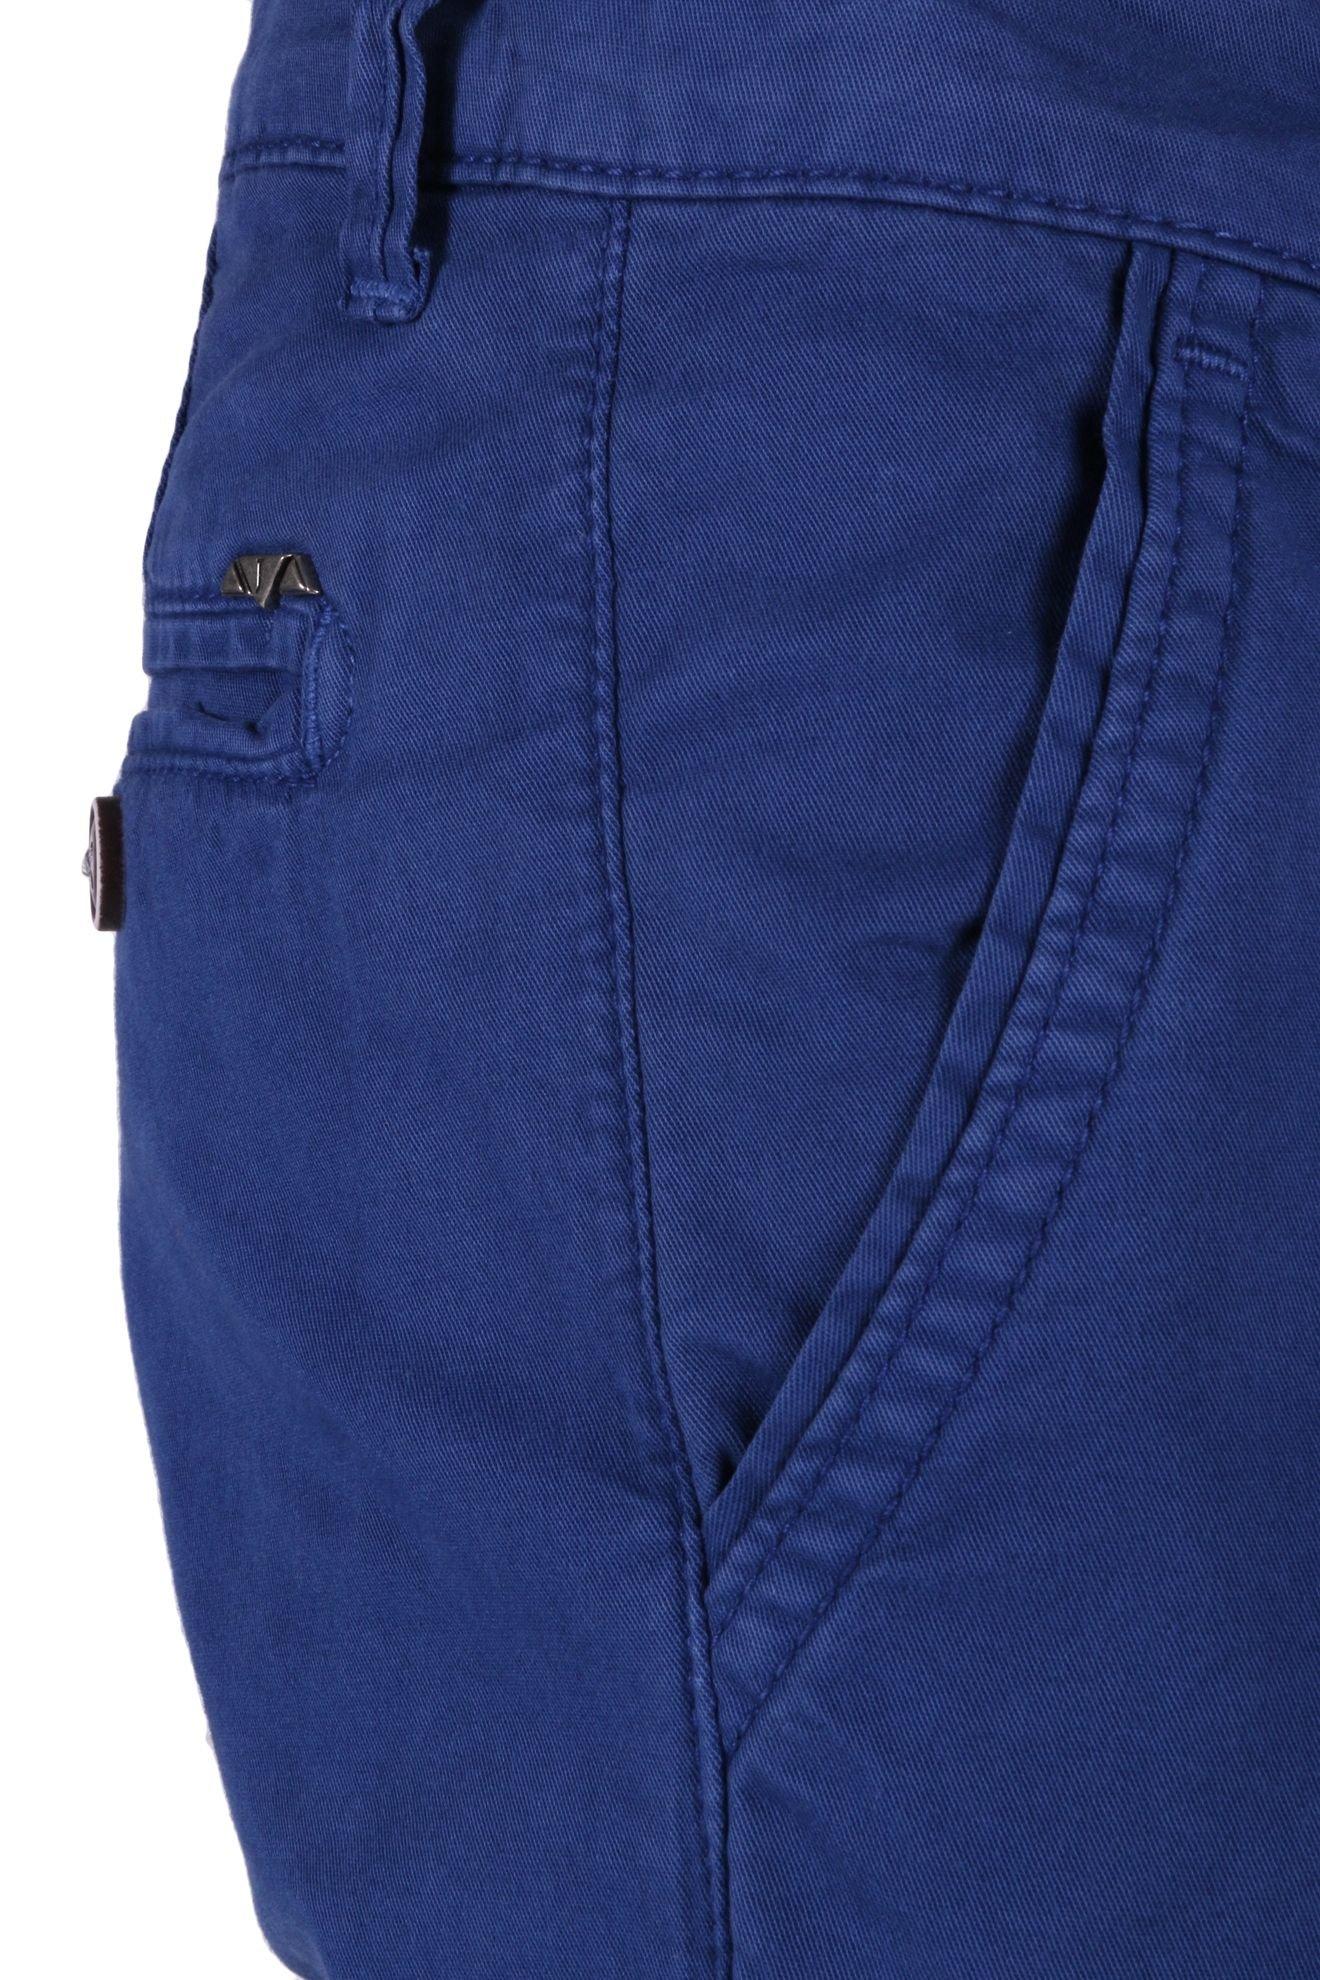 Джинсы для мальчика синего цвета  (Арт. D-JEANS 0062)